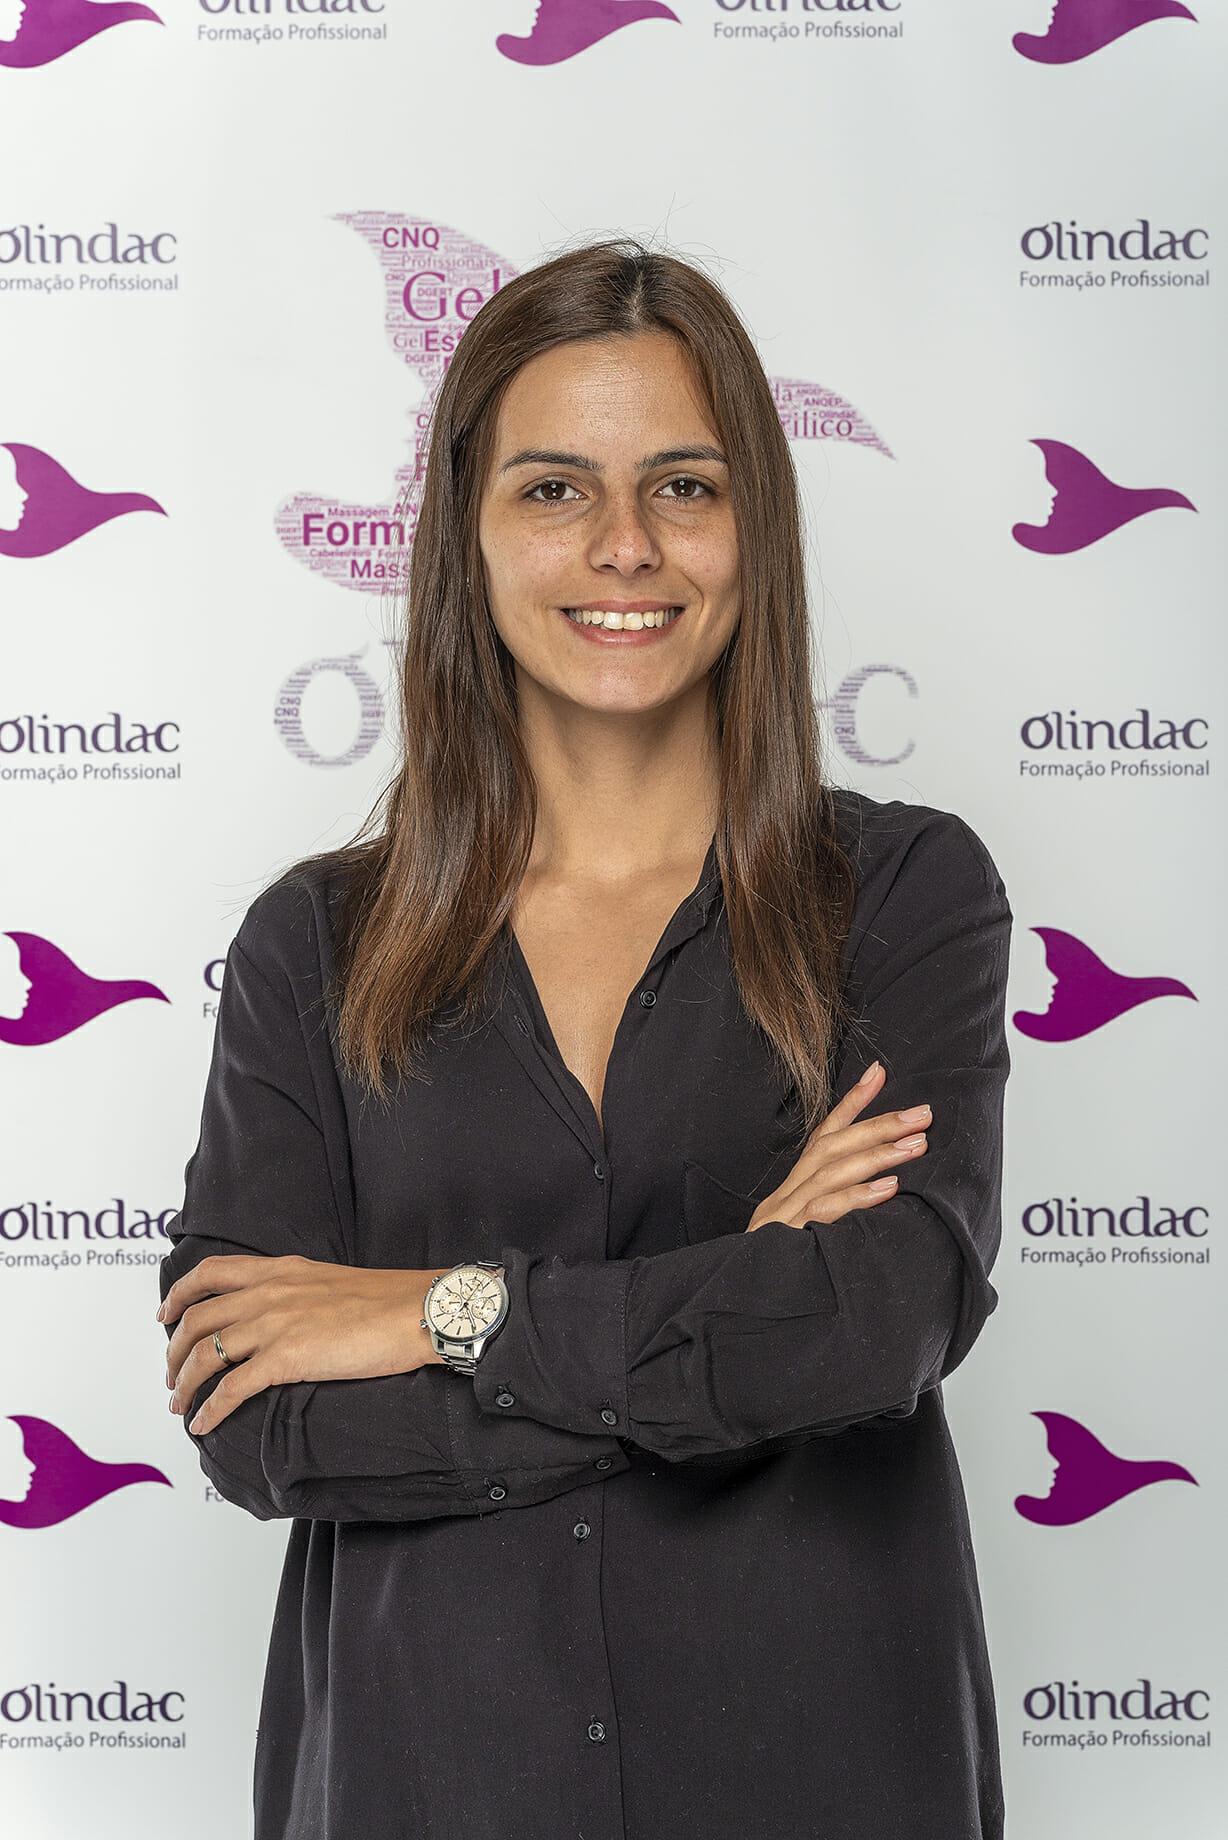 Flávia Martins